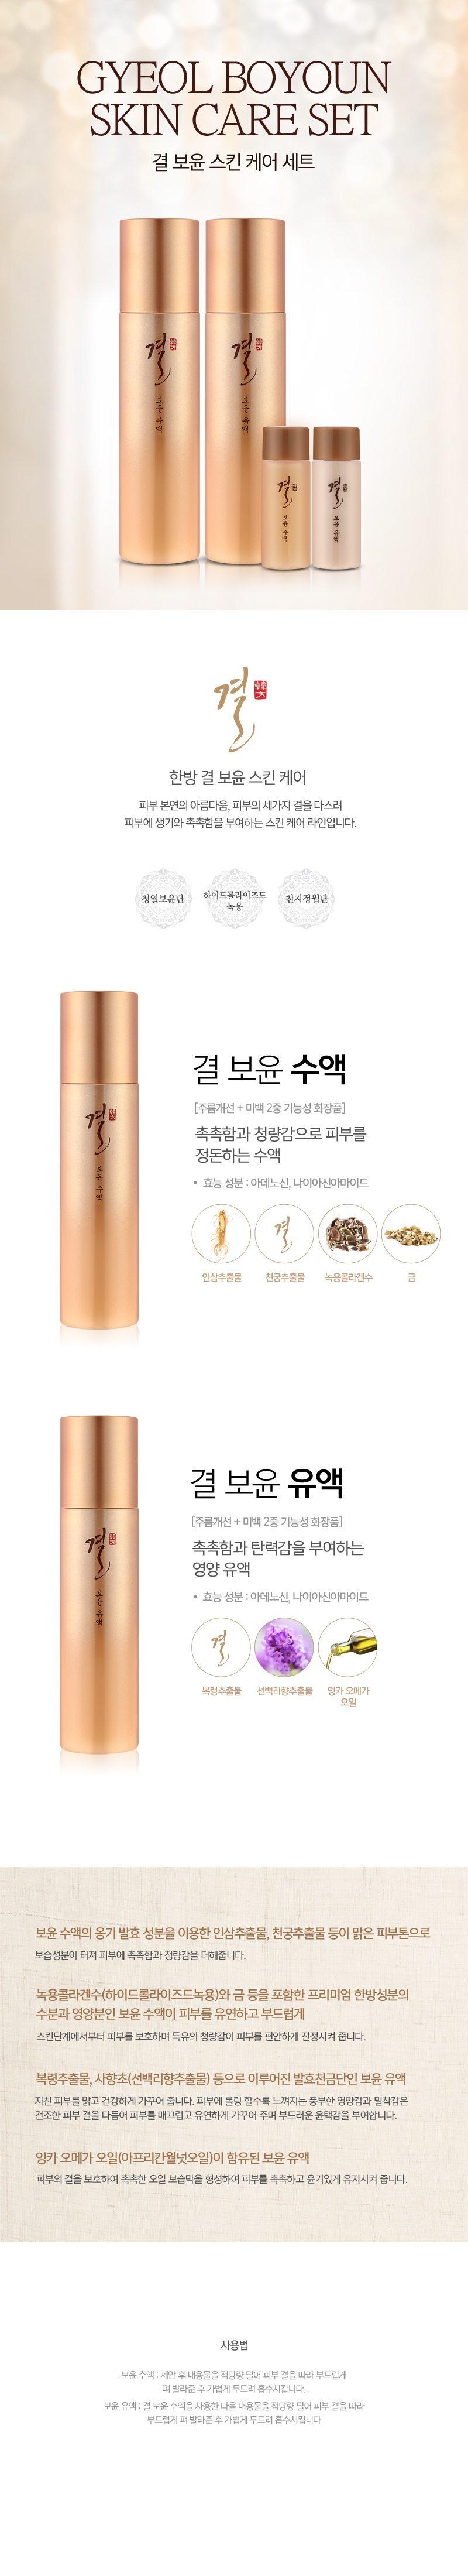 Tony Moly Gyeol Boyoun Skin Care Set korean cosmetic skincare product online shop malaysia italy germany1